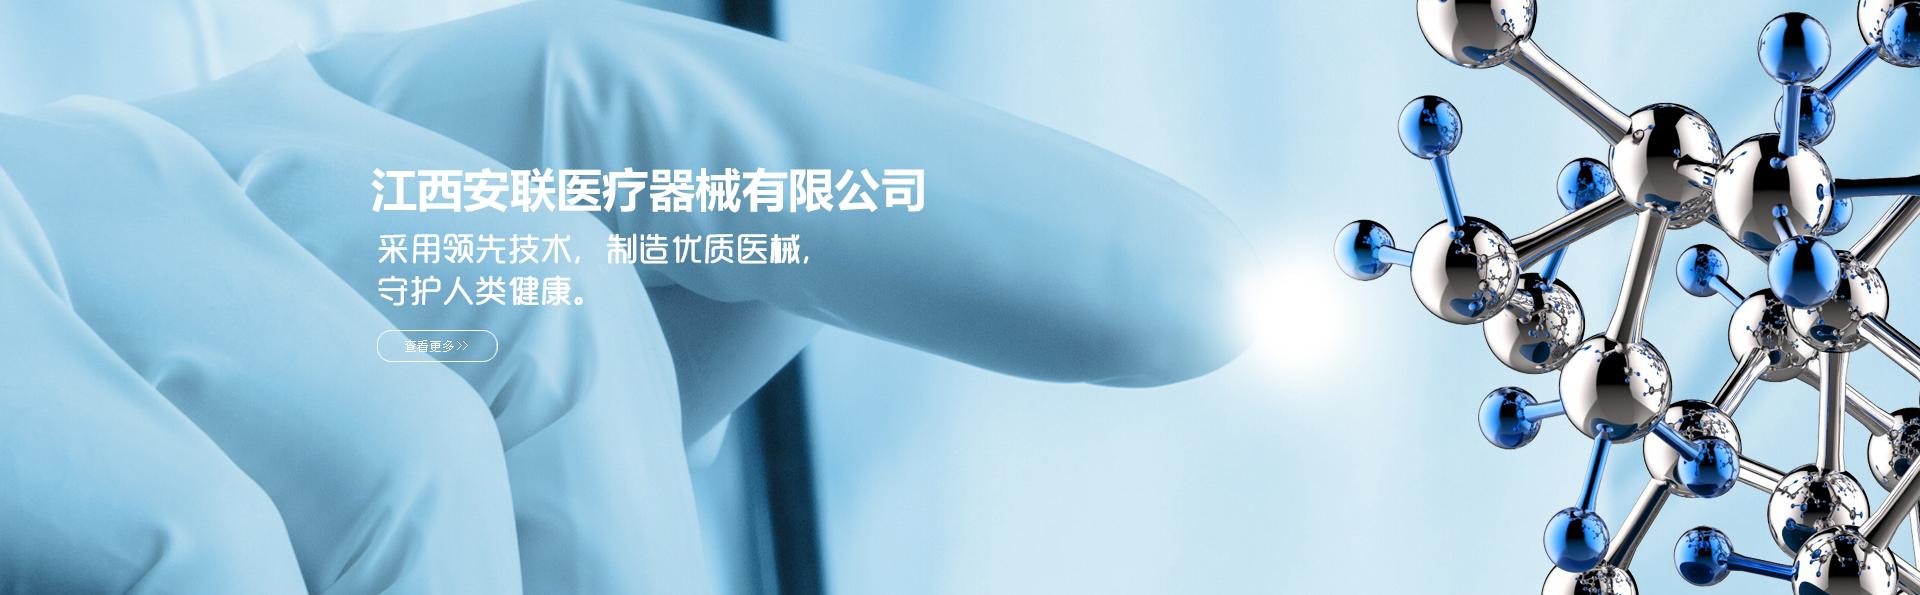 江西安联医疗器械有限公司